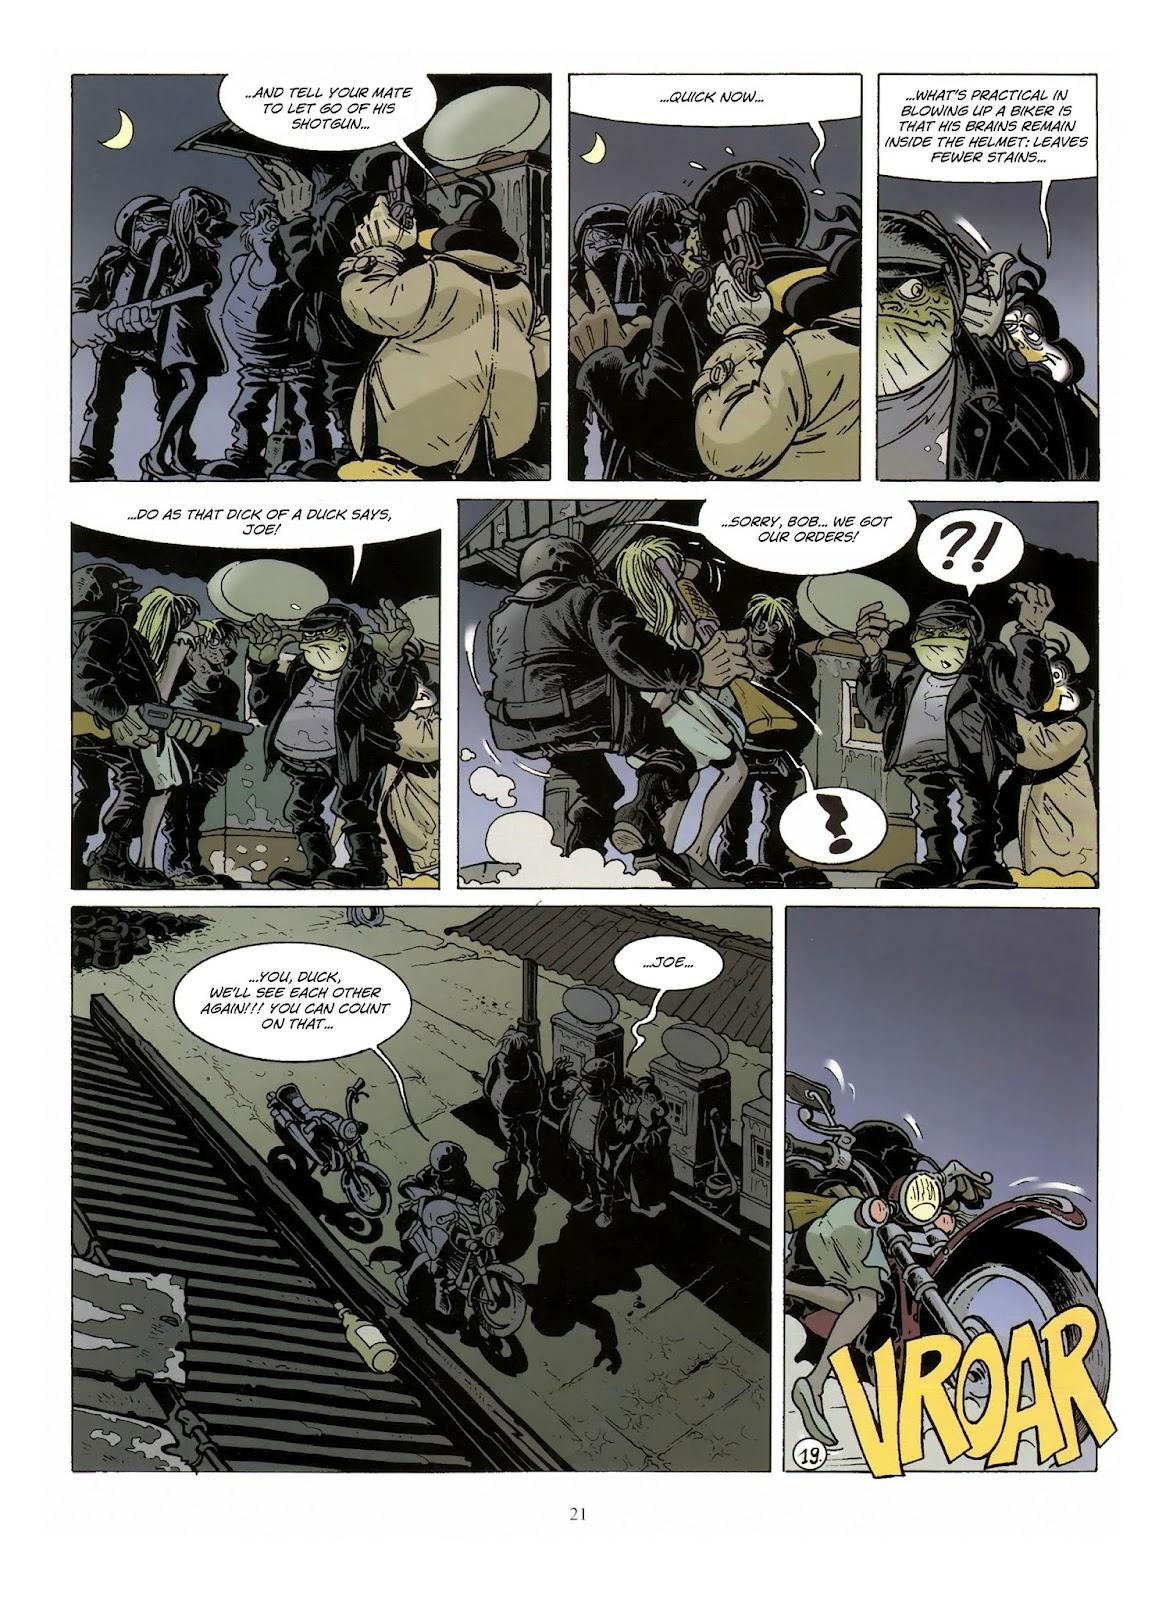 Une enquête de l'inspecteur Canardo issue 10 - Page 22